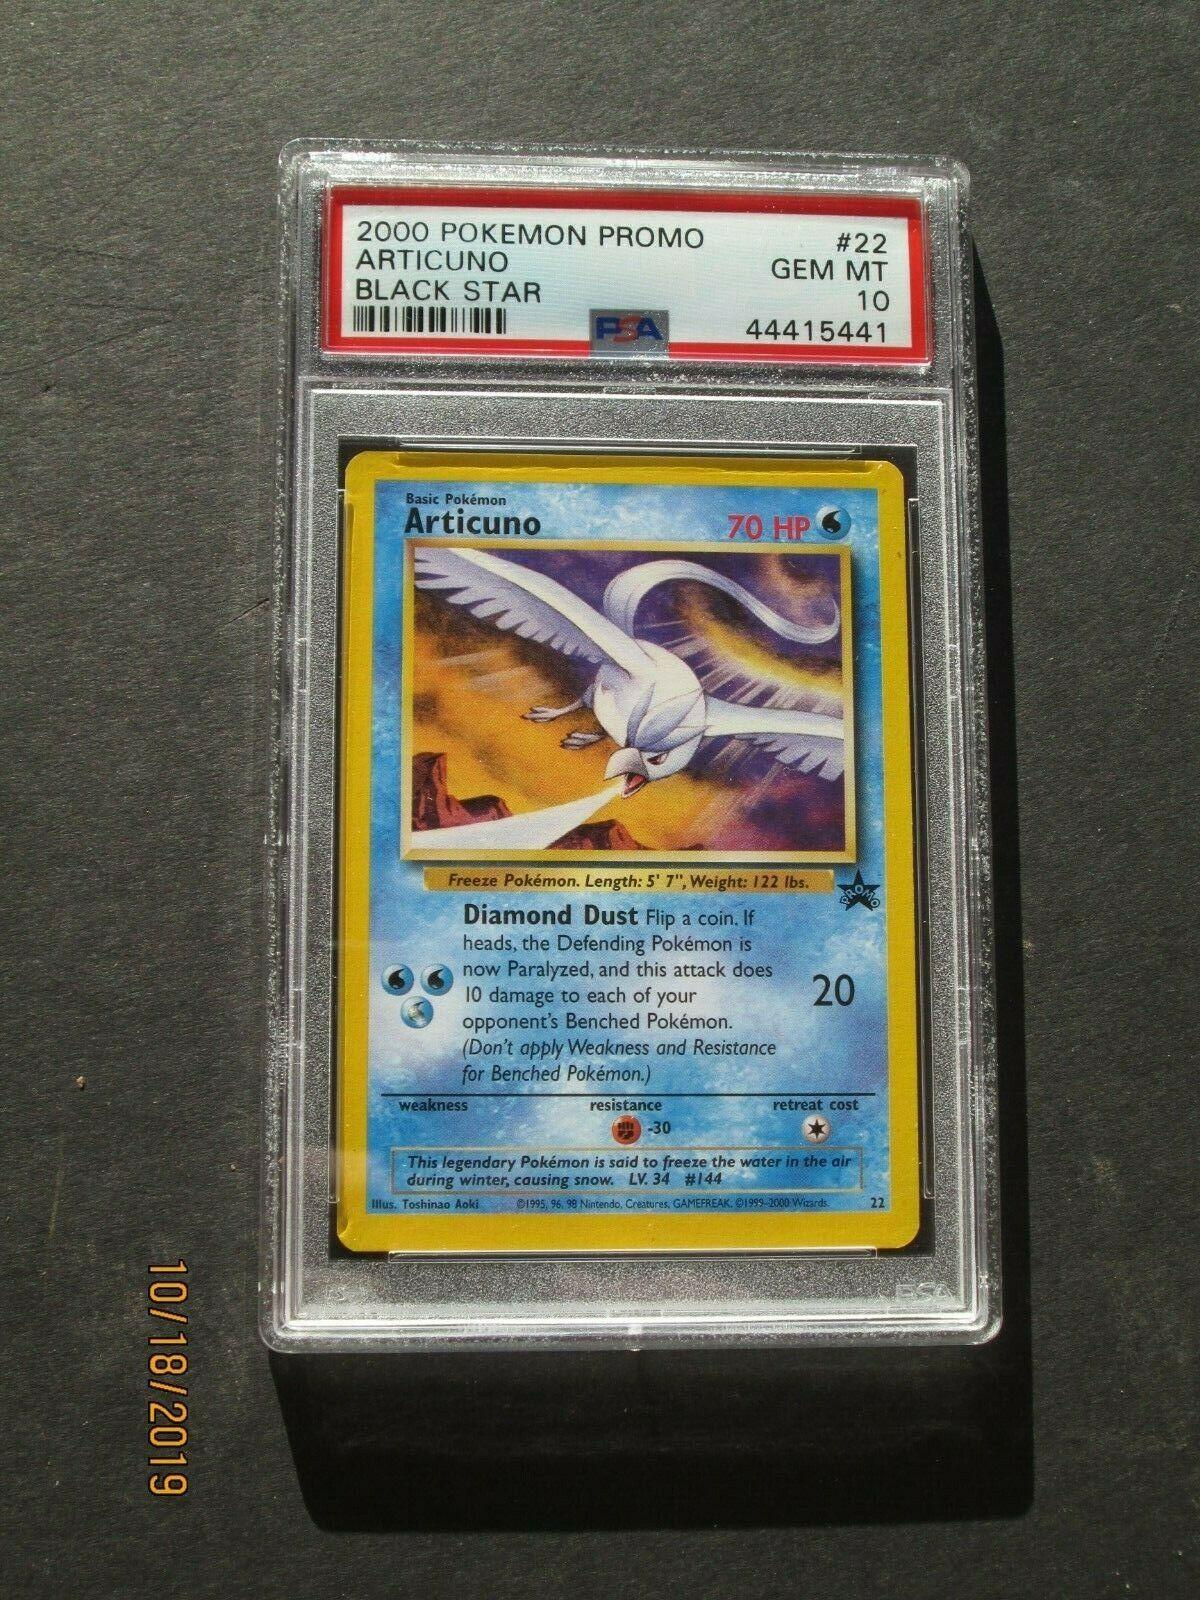 POKEMON BLACK STAR PROMO CARD #22 ARTICUNO NM